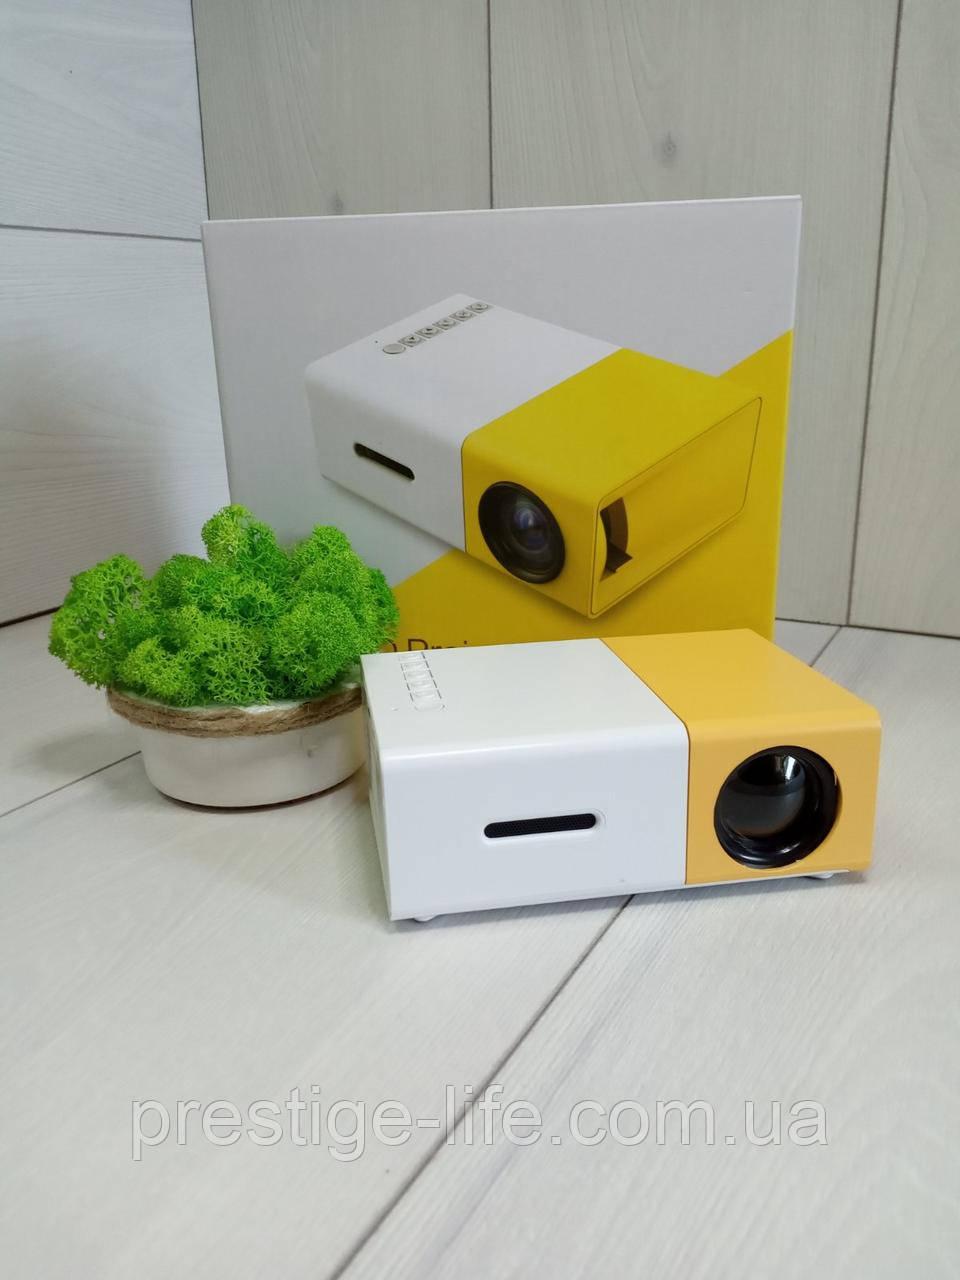 Led Projector YG300 Портативный мини проектор мультимедийный